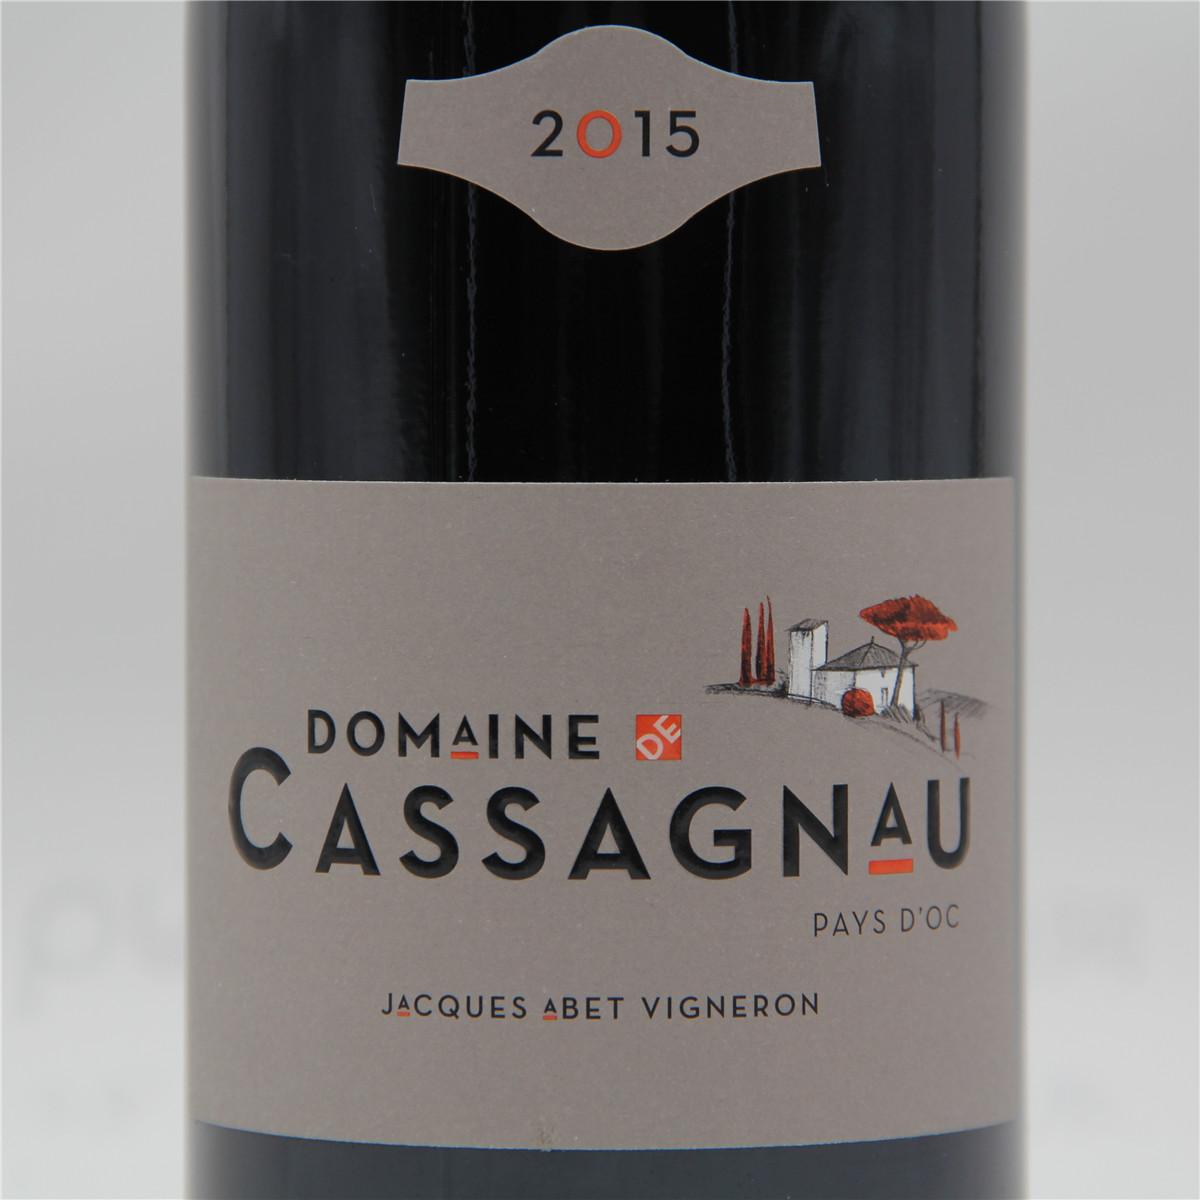 法国奥克地区卡萨尼奥酒庄混酿IGP干红葡萄酒